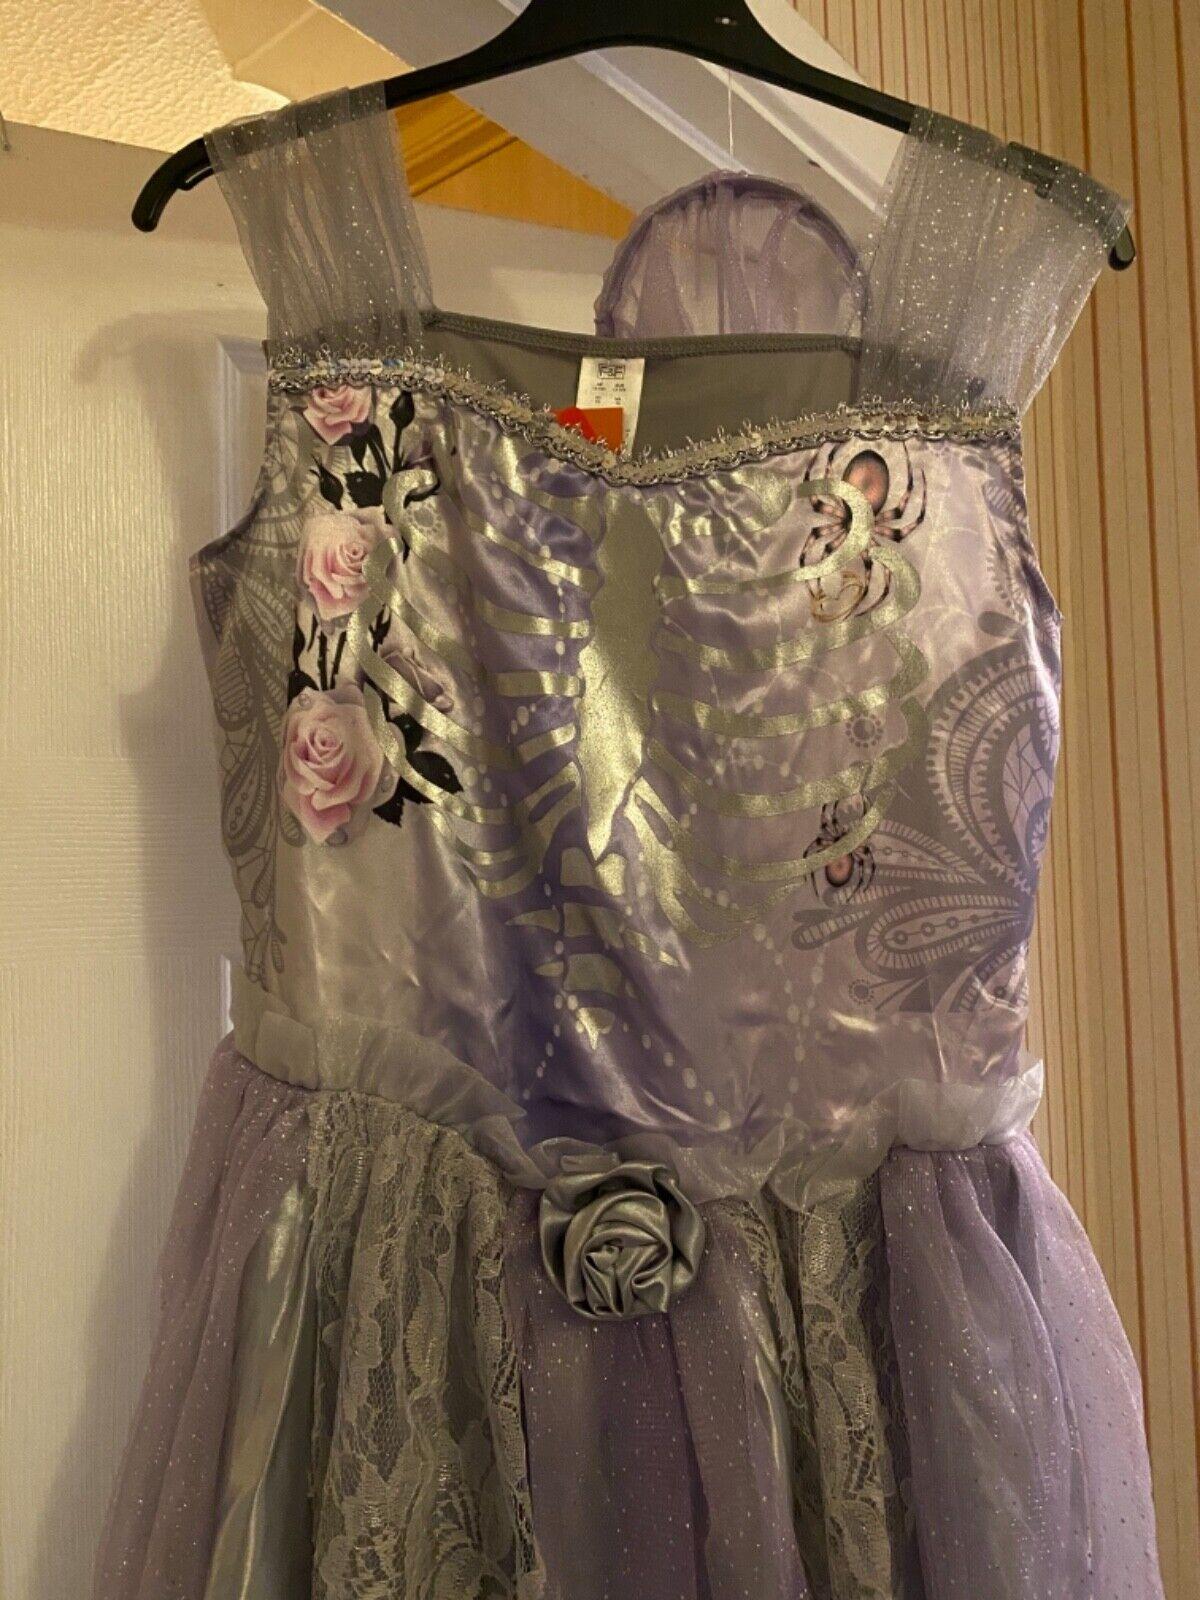 BNWT - Tesco Zombie Bride Halloween Fancy Dress Outfit - 13-14 - Gift